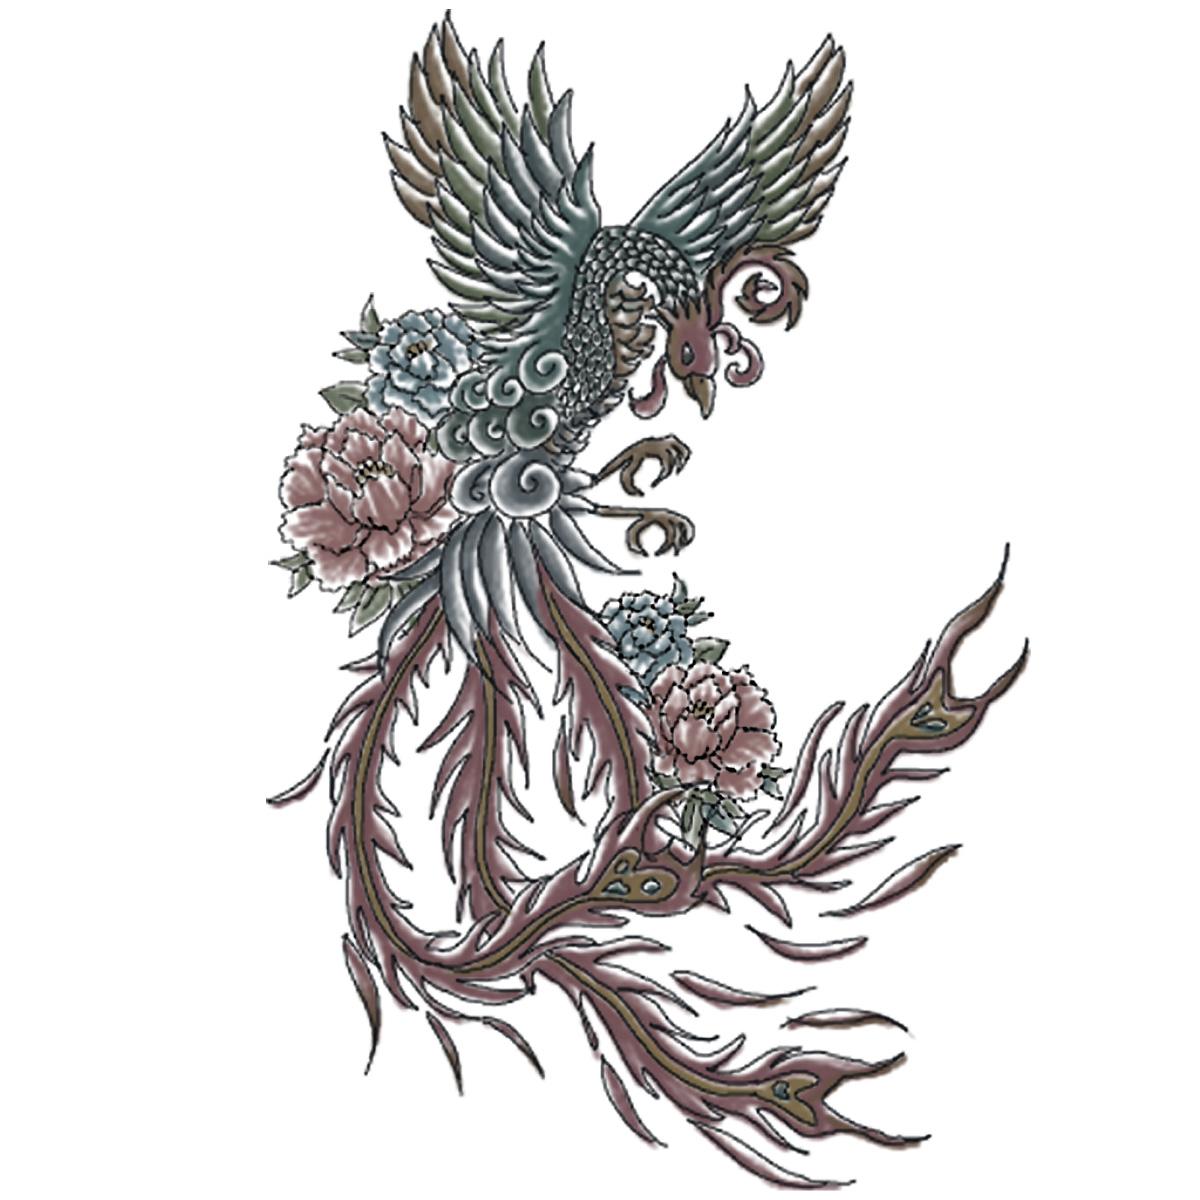 宇佐應凜 奇門遁甲の吉方位 飛鳥跌穴